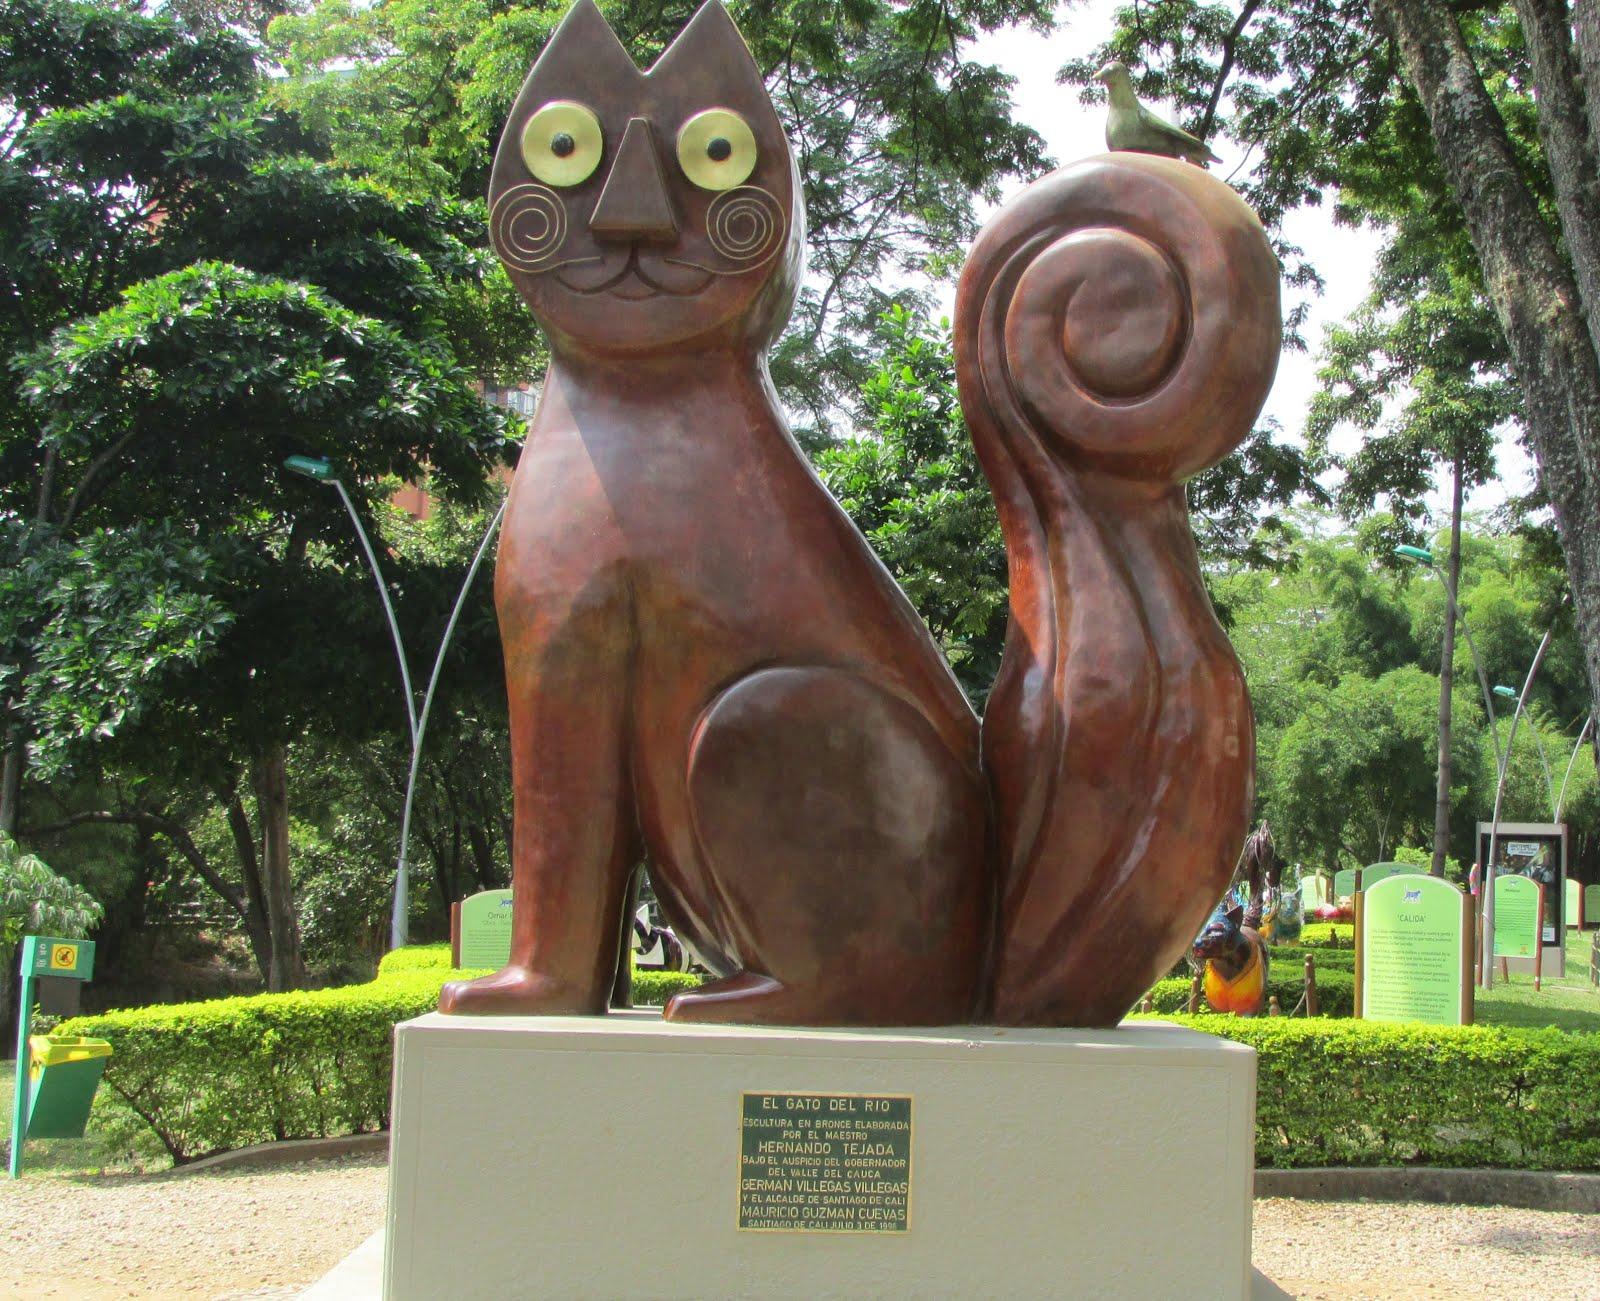 El Gato de Tejadita